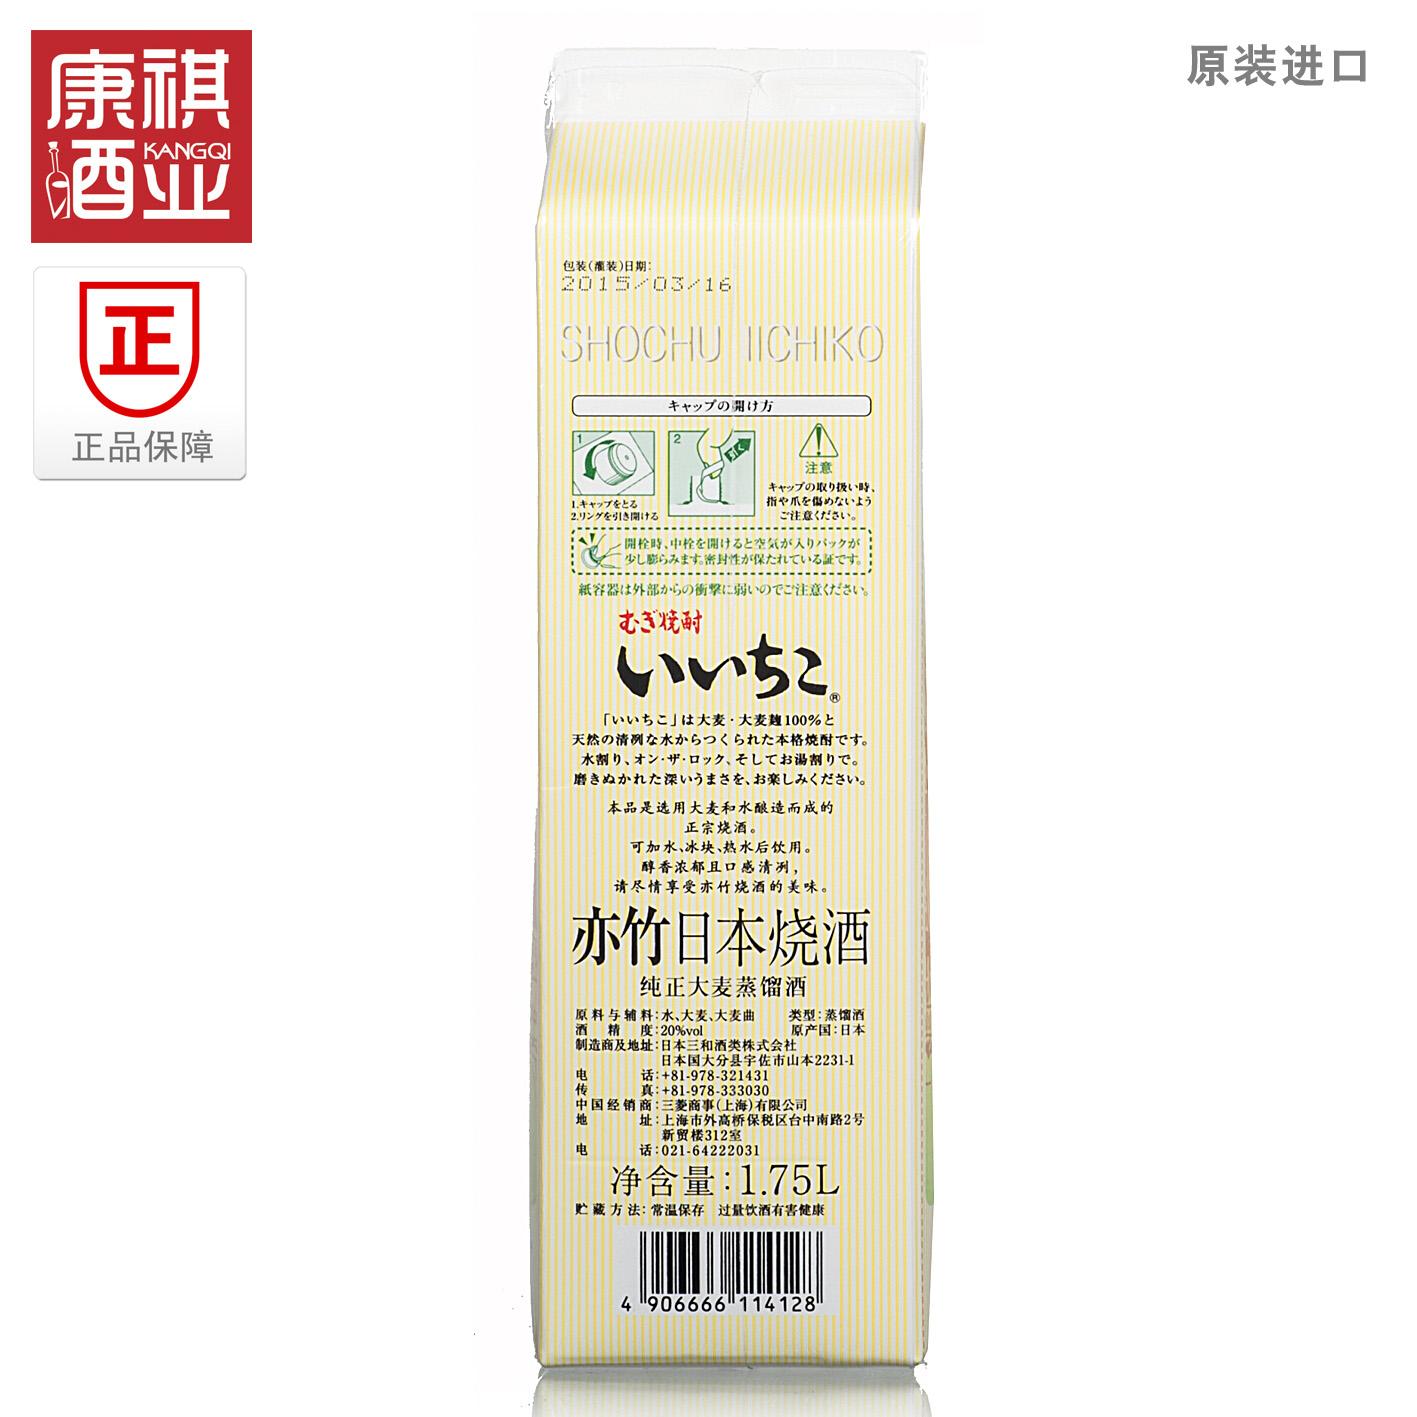 纸盒装保证超值装特价 1.75L 亦竹烧酒 IICHIKO 洋酒清酒进口日本烧酒